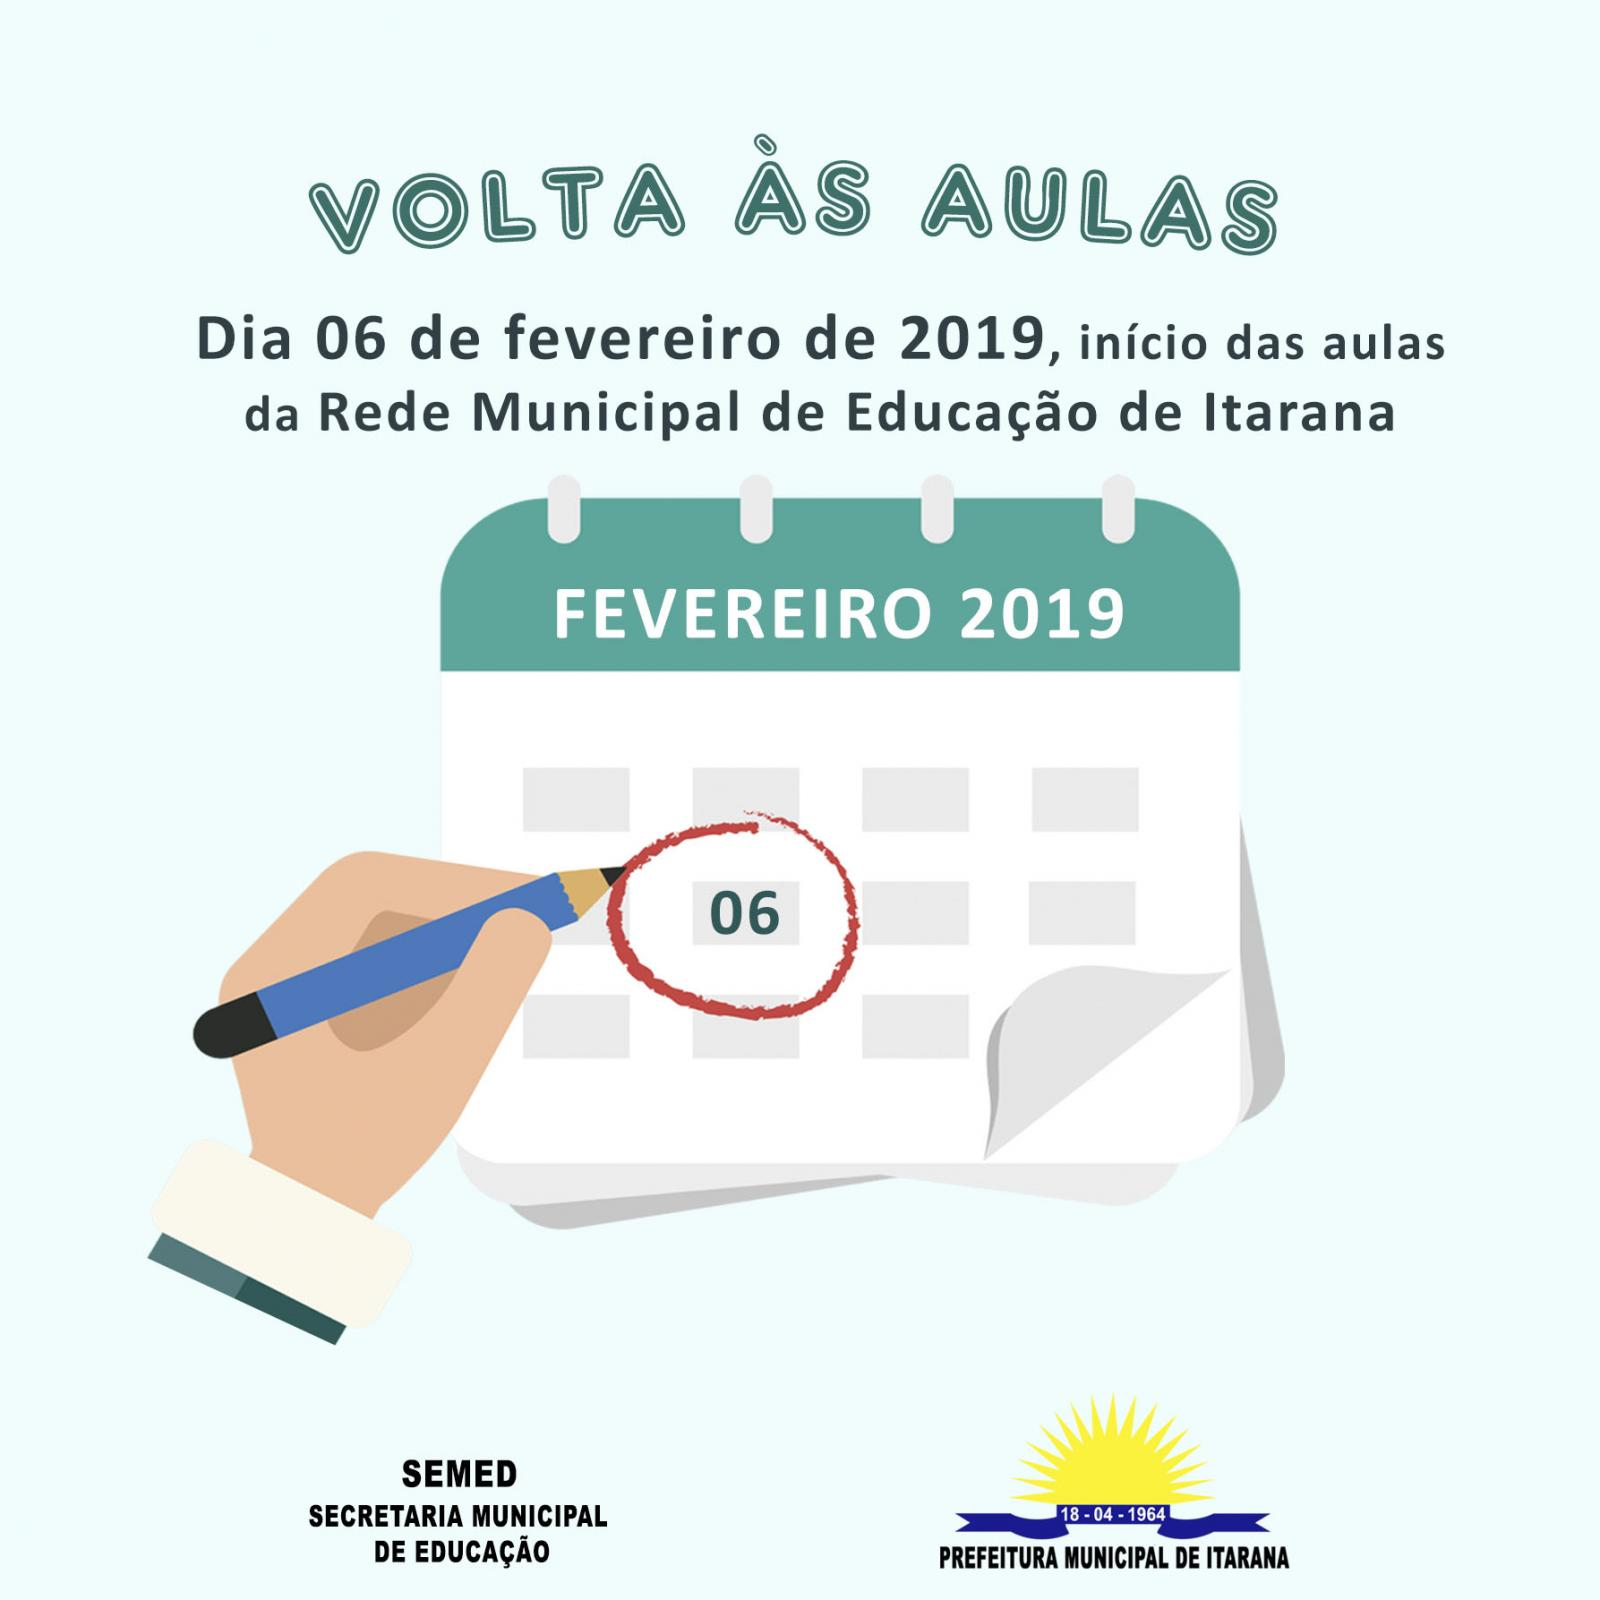 Volta às aulas em Itarana será no dia 06, professores serão recepcionados com palestra motivacional